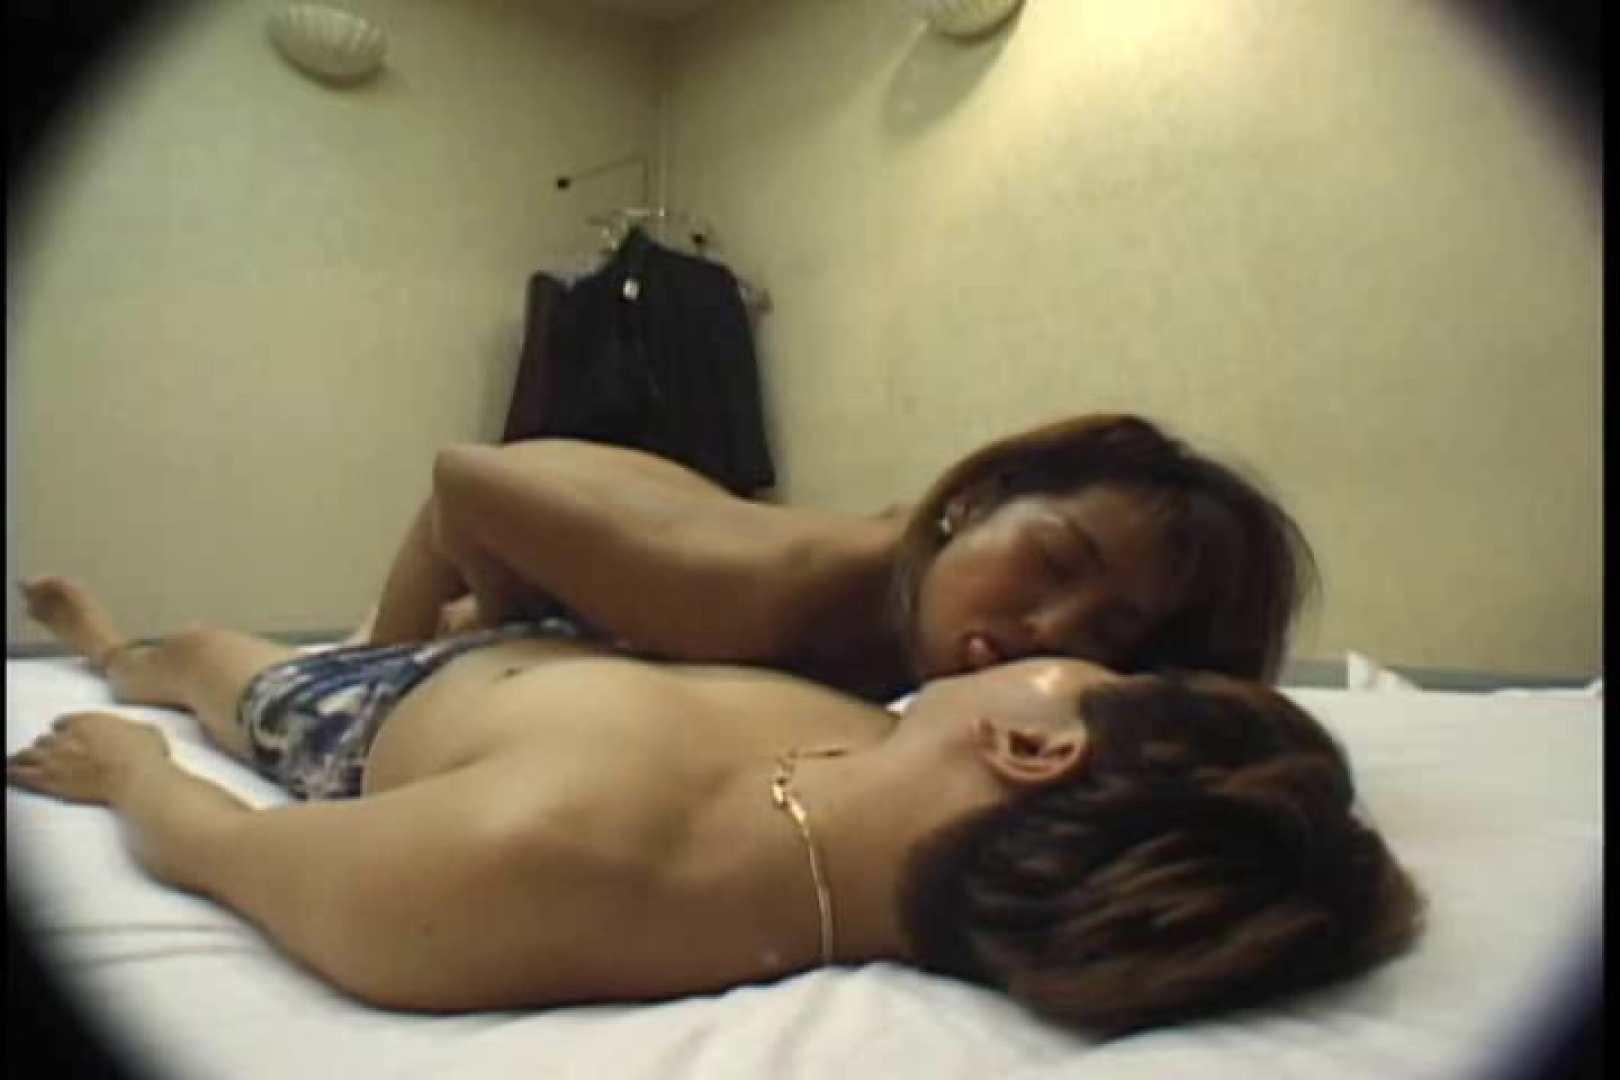 素人嬢126人のハメ撮り 水嶋 一般投稿 セックス画像 96pic 94